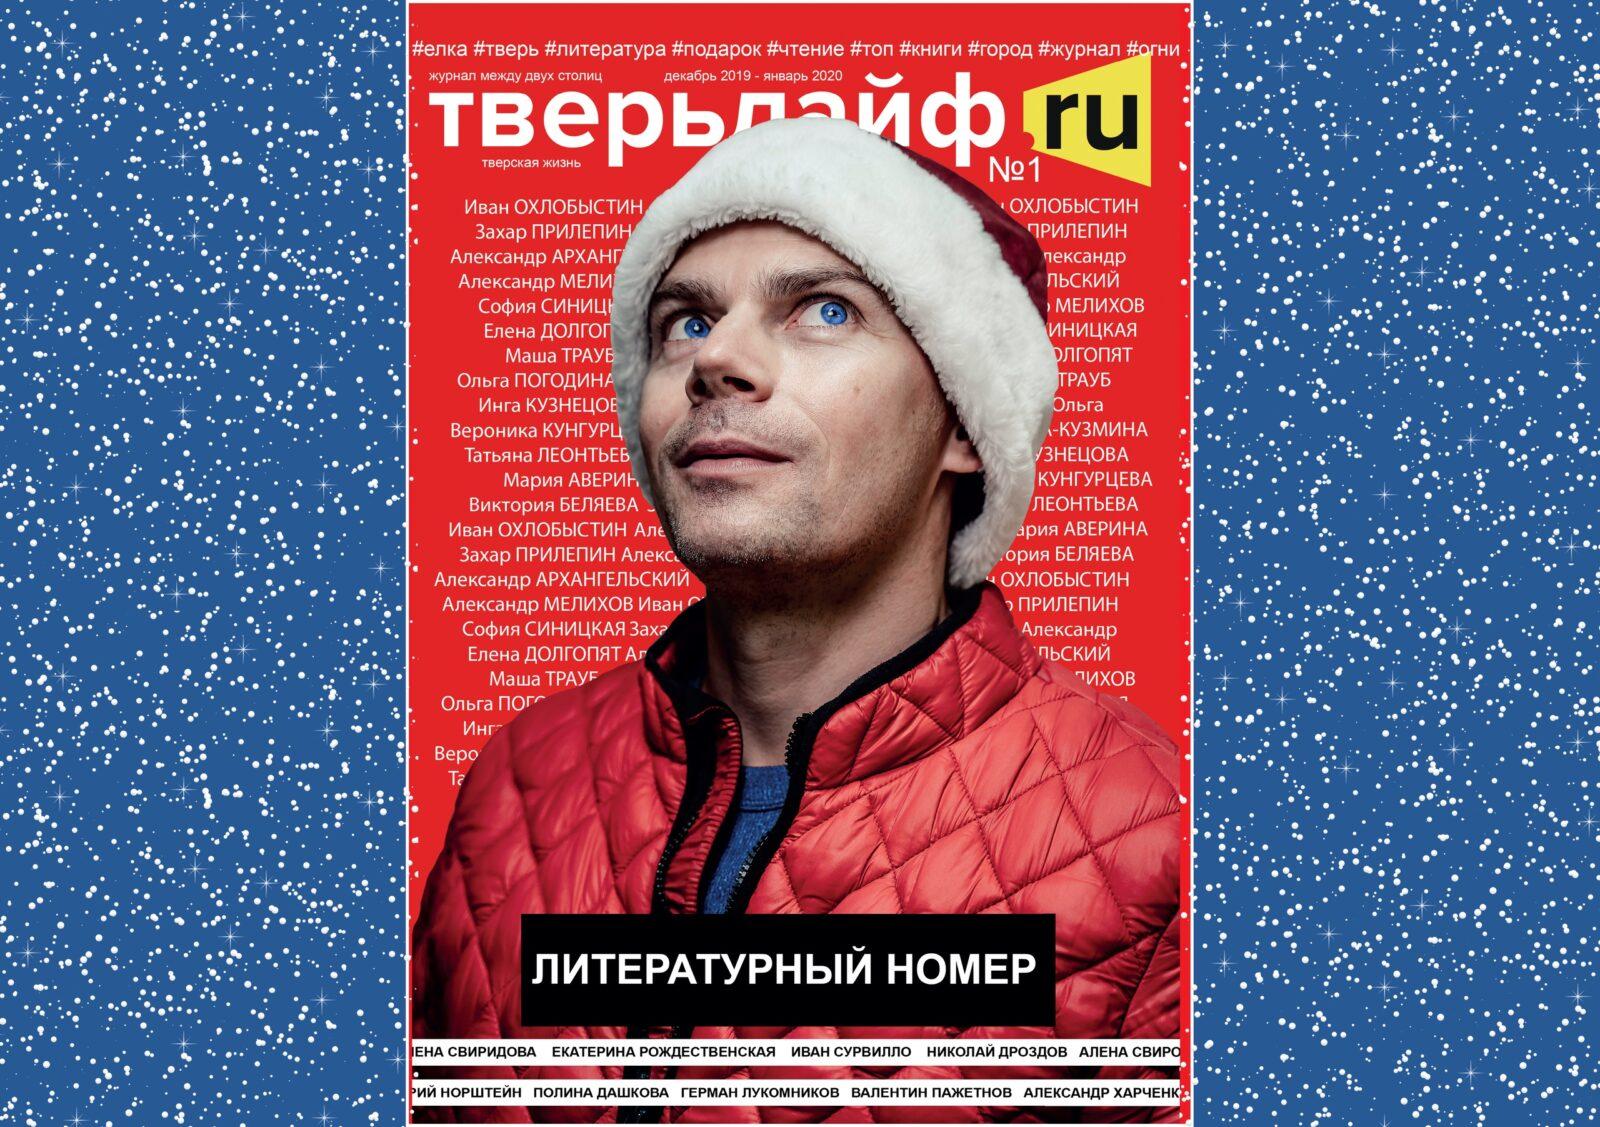 Журнал Тверьлайф стал новогодним: готов праздничный спецвыпуск